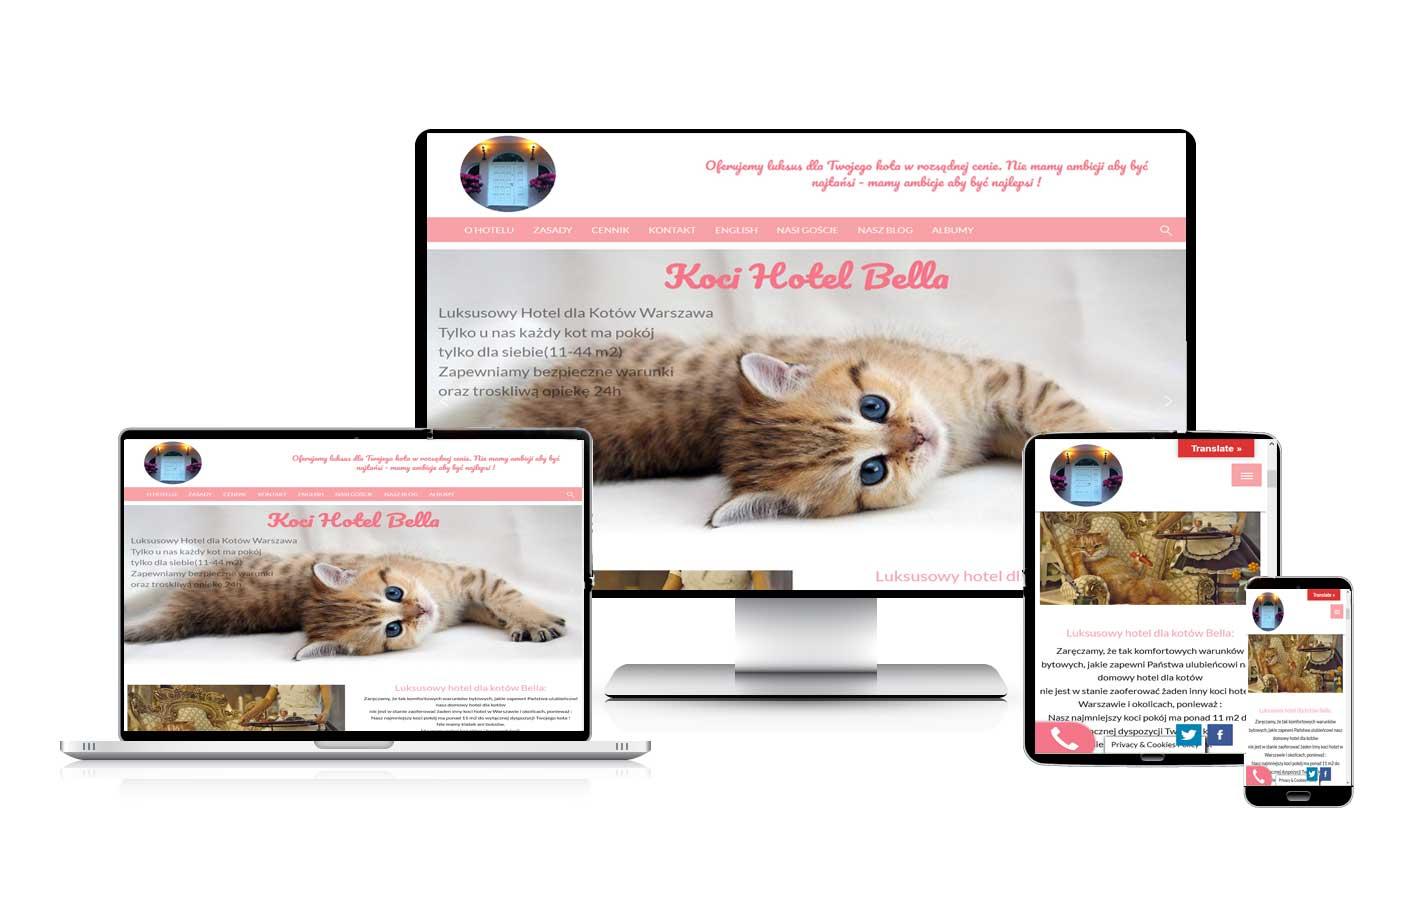 Tworzenie stron internetowych dla firm. Strona Hotelu dla kotów Bella